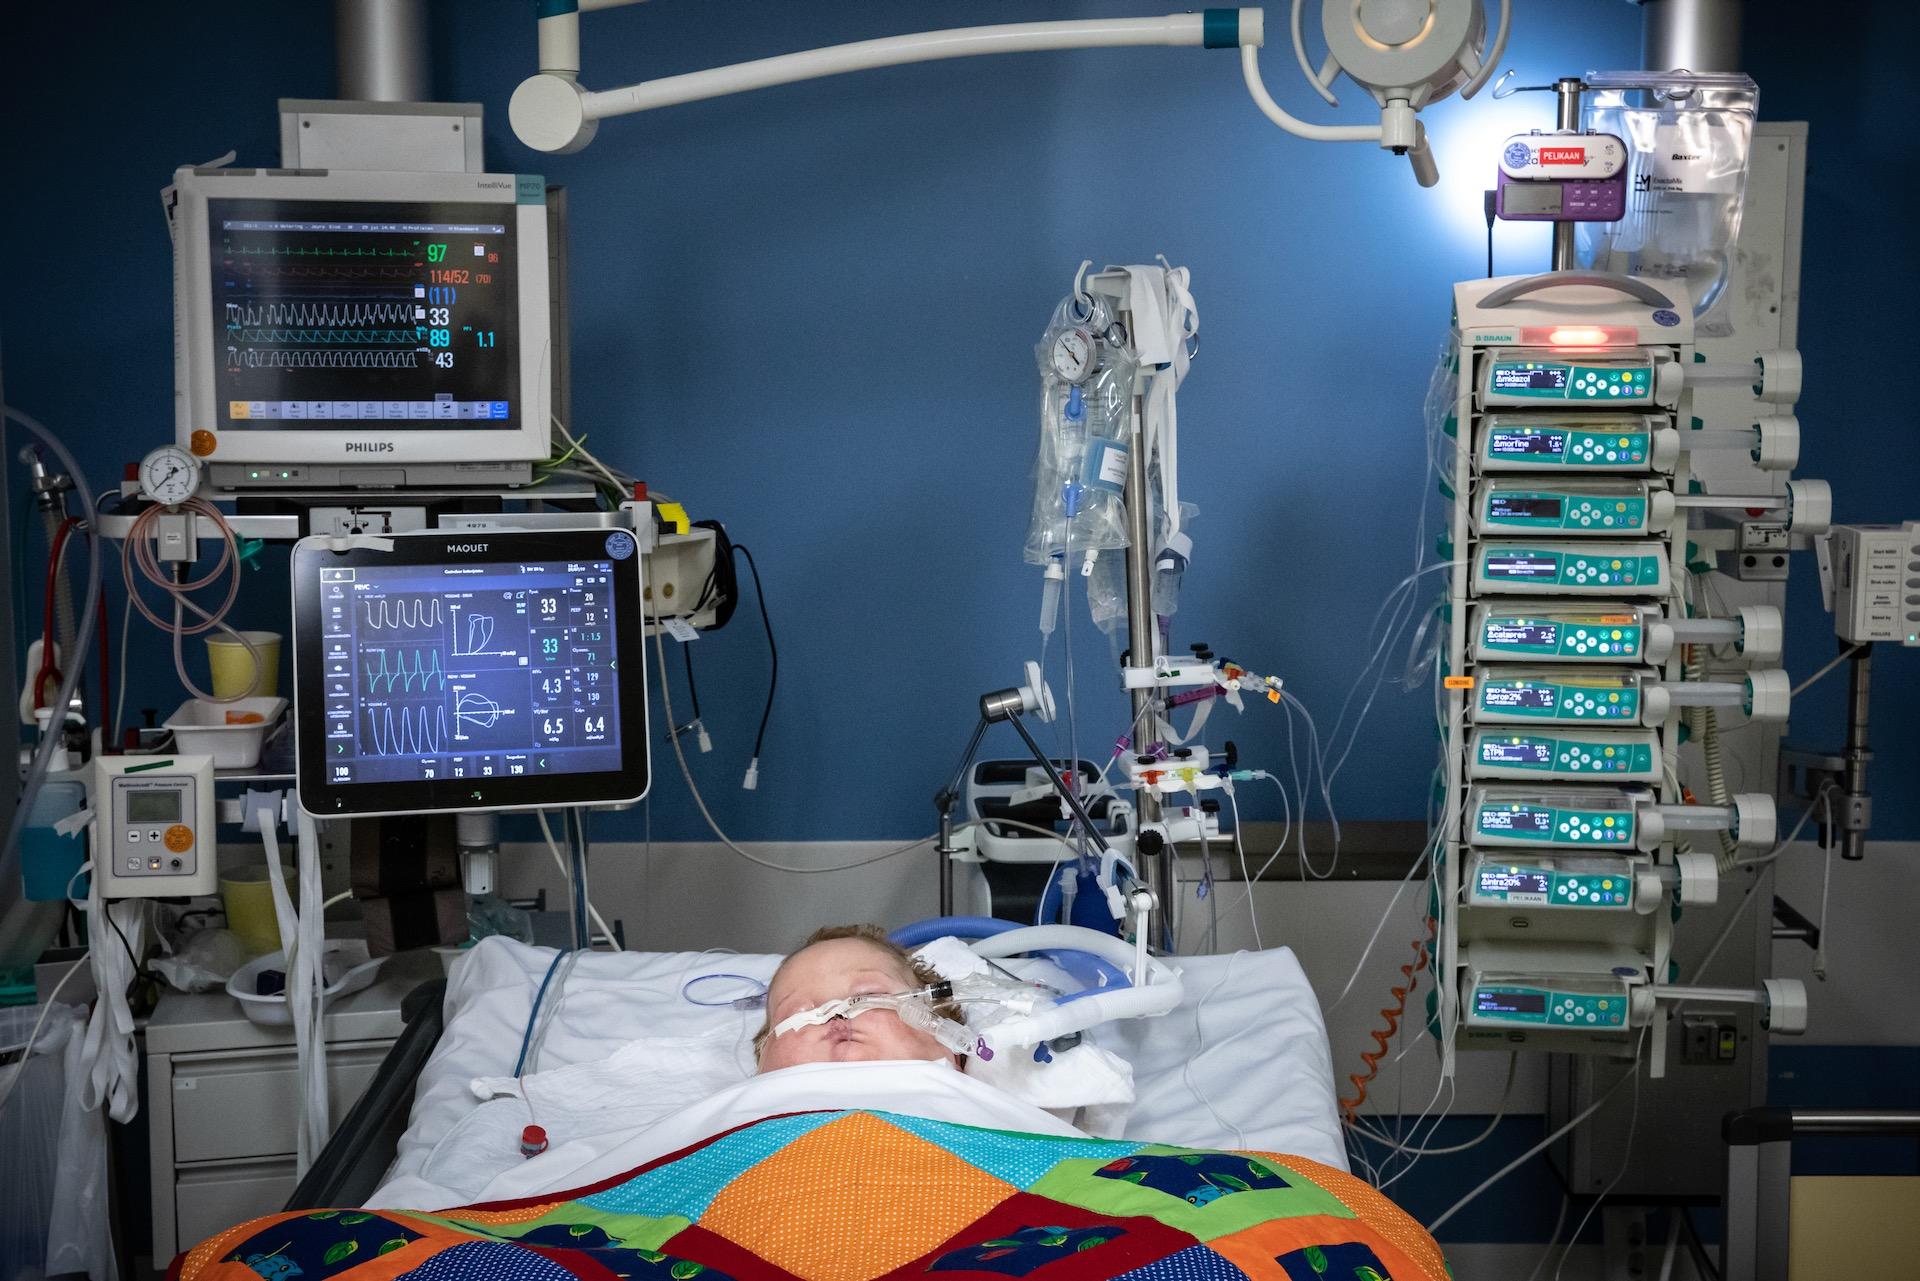 Jayro (4) had leukemie AML. Om zijn vorm van leukemie te behandelen was alleen chemotherapie niet genoeg. Zo kreeg hij een stamceltransplantatie die zijn leven moest redden. Na een lange tijd van opnames leek het beter te gaan, maar Jayro kreeg graft-versus-hostziekte. Een afstotingsreactie van het lichaam wanneer de donorcellen jouw lichaamscellen herkennen als de vijand en ze gaan aanvallen. Elke 3 dagen overlijdt er een kind aan de gevolgen van kanker. Zo overleed ook Jayro op 30 juli 2019.